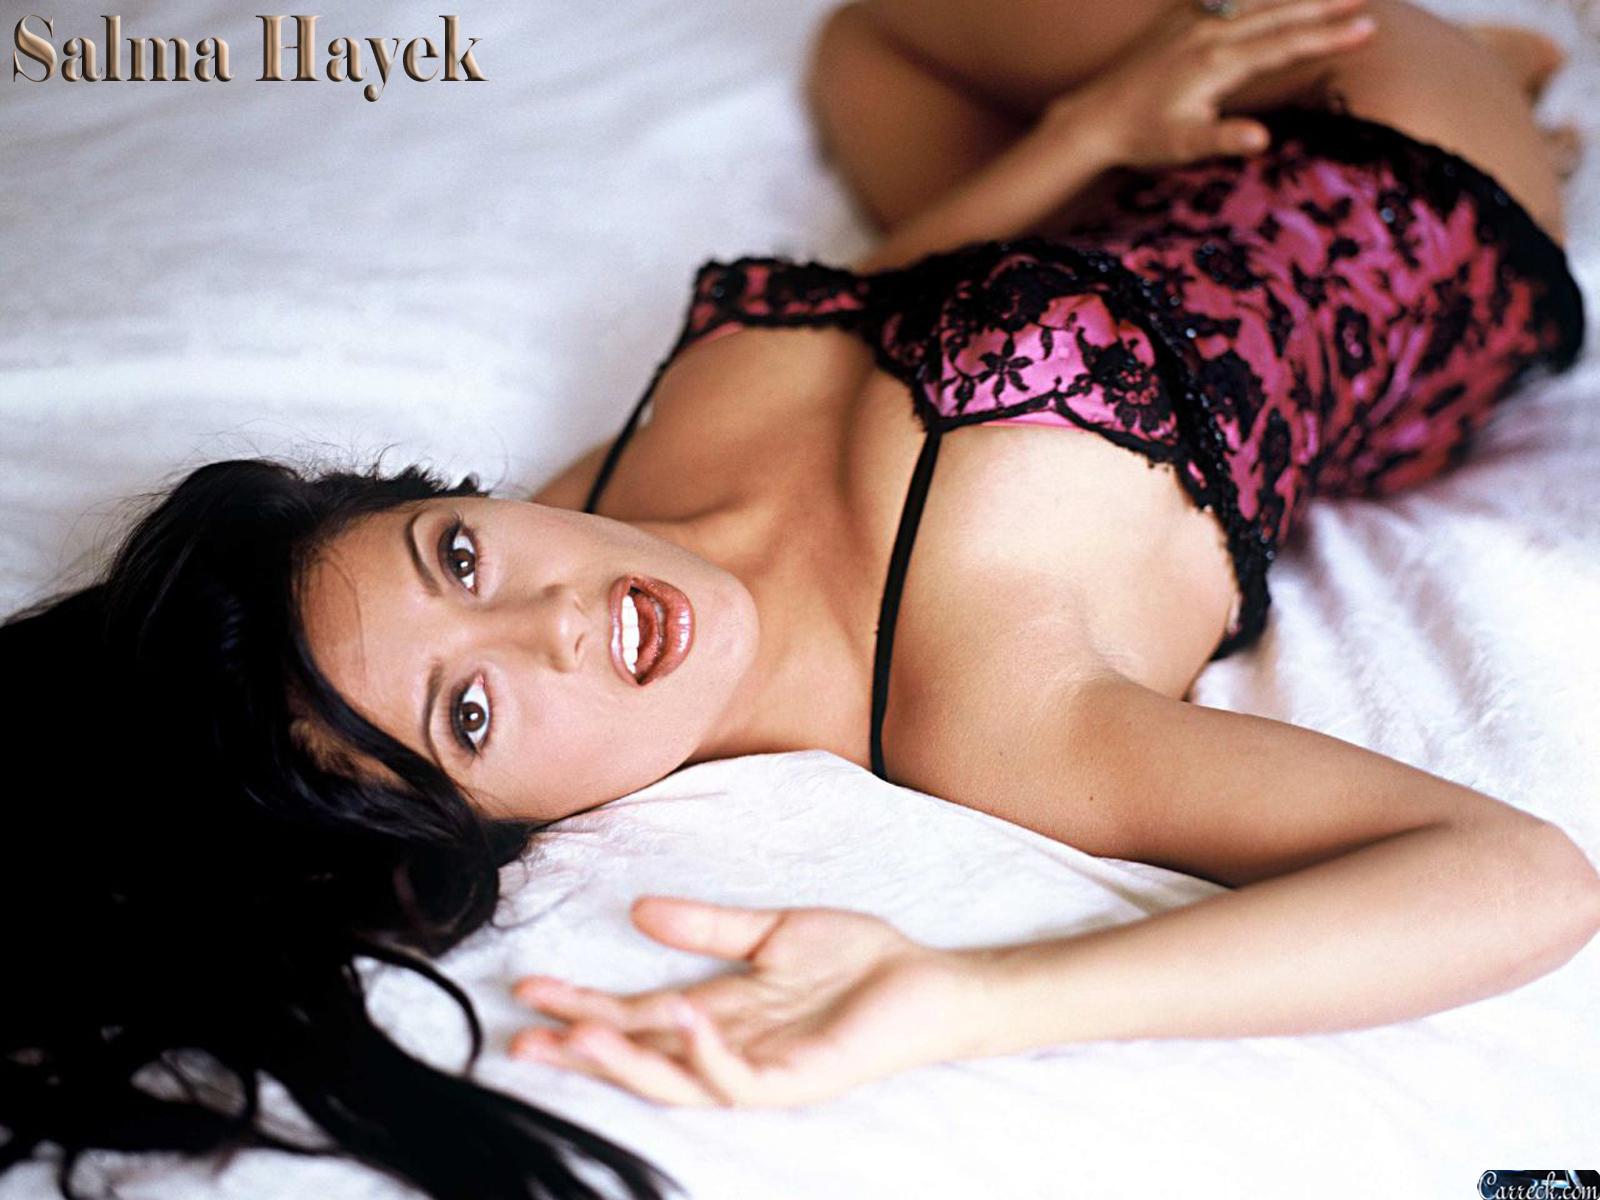 Сальма хайек большая грудь, Пластика груди Сальмы Хайек 2 фотография